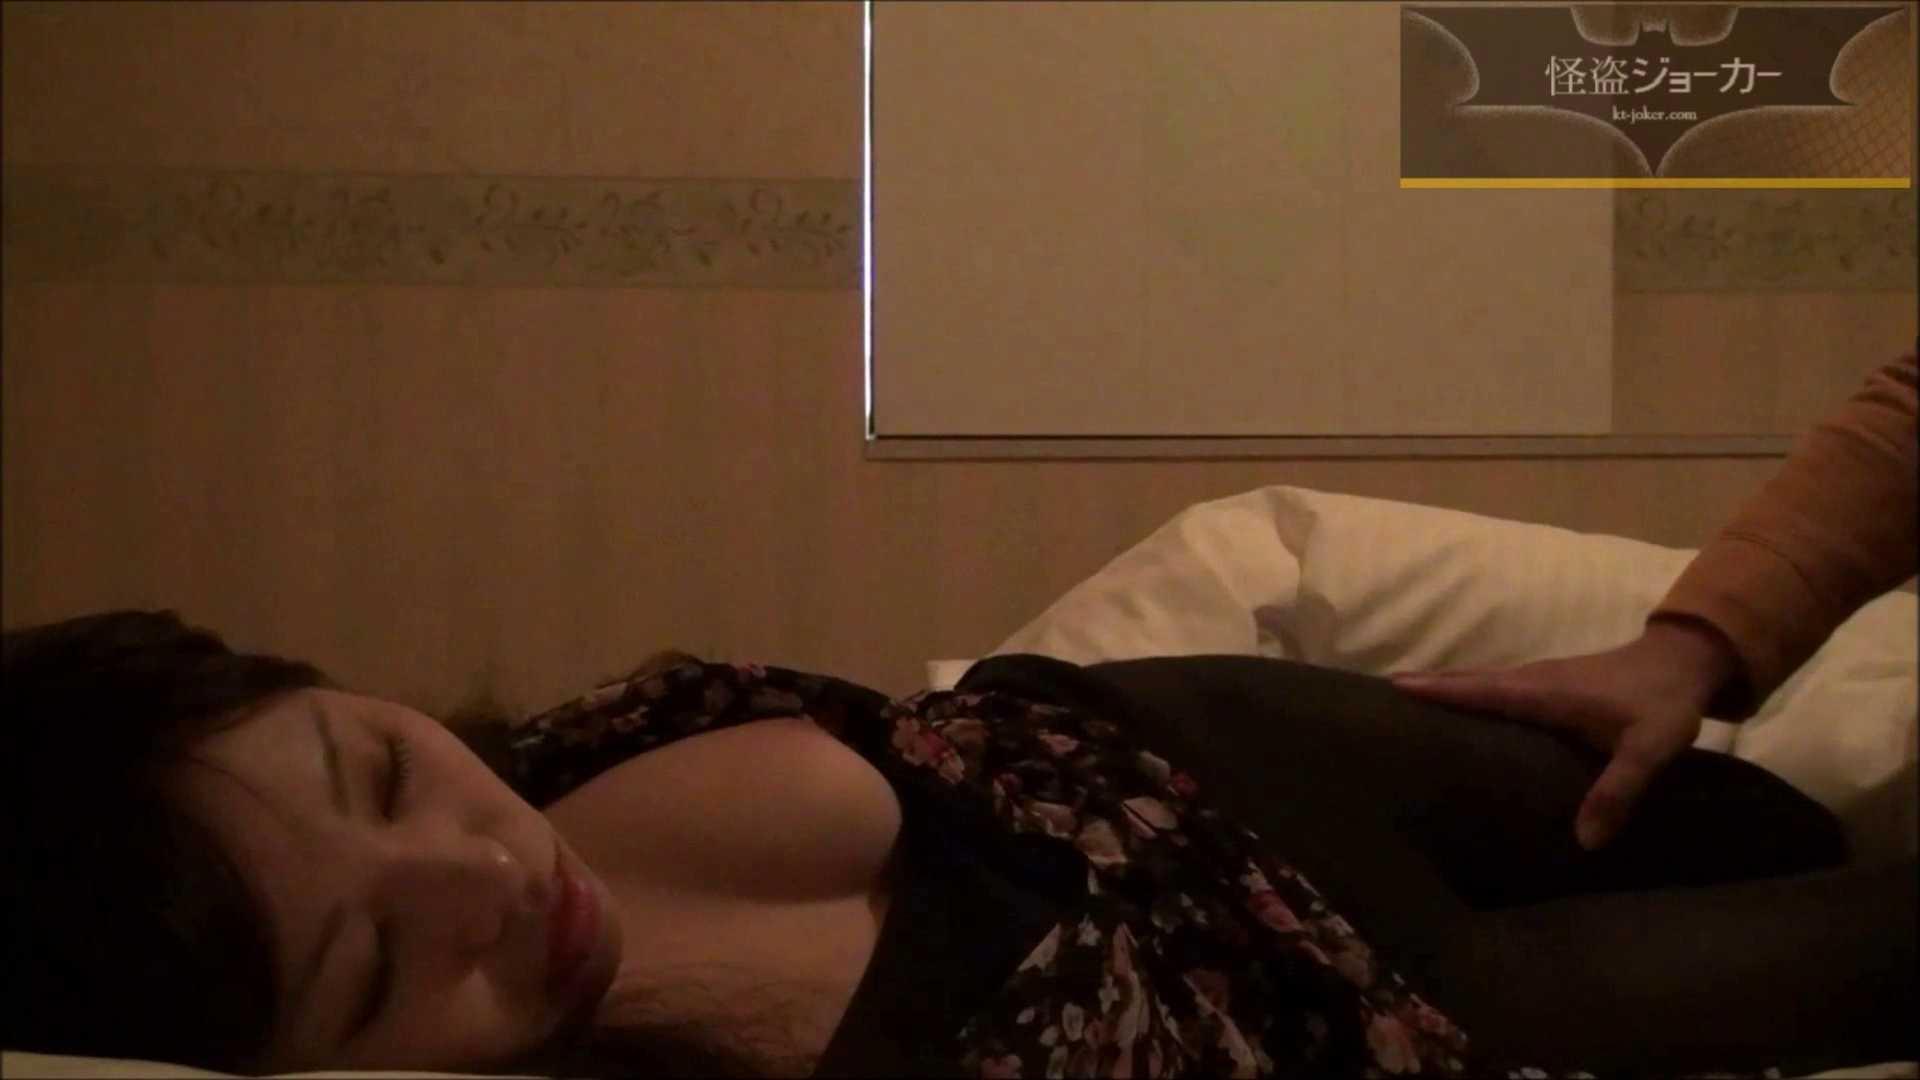 vol.17 葵の顔面にアレを押し付けてw フェラ・シーン われめAV動画紹介 107枚 53